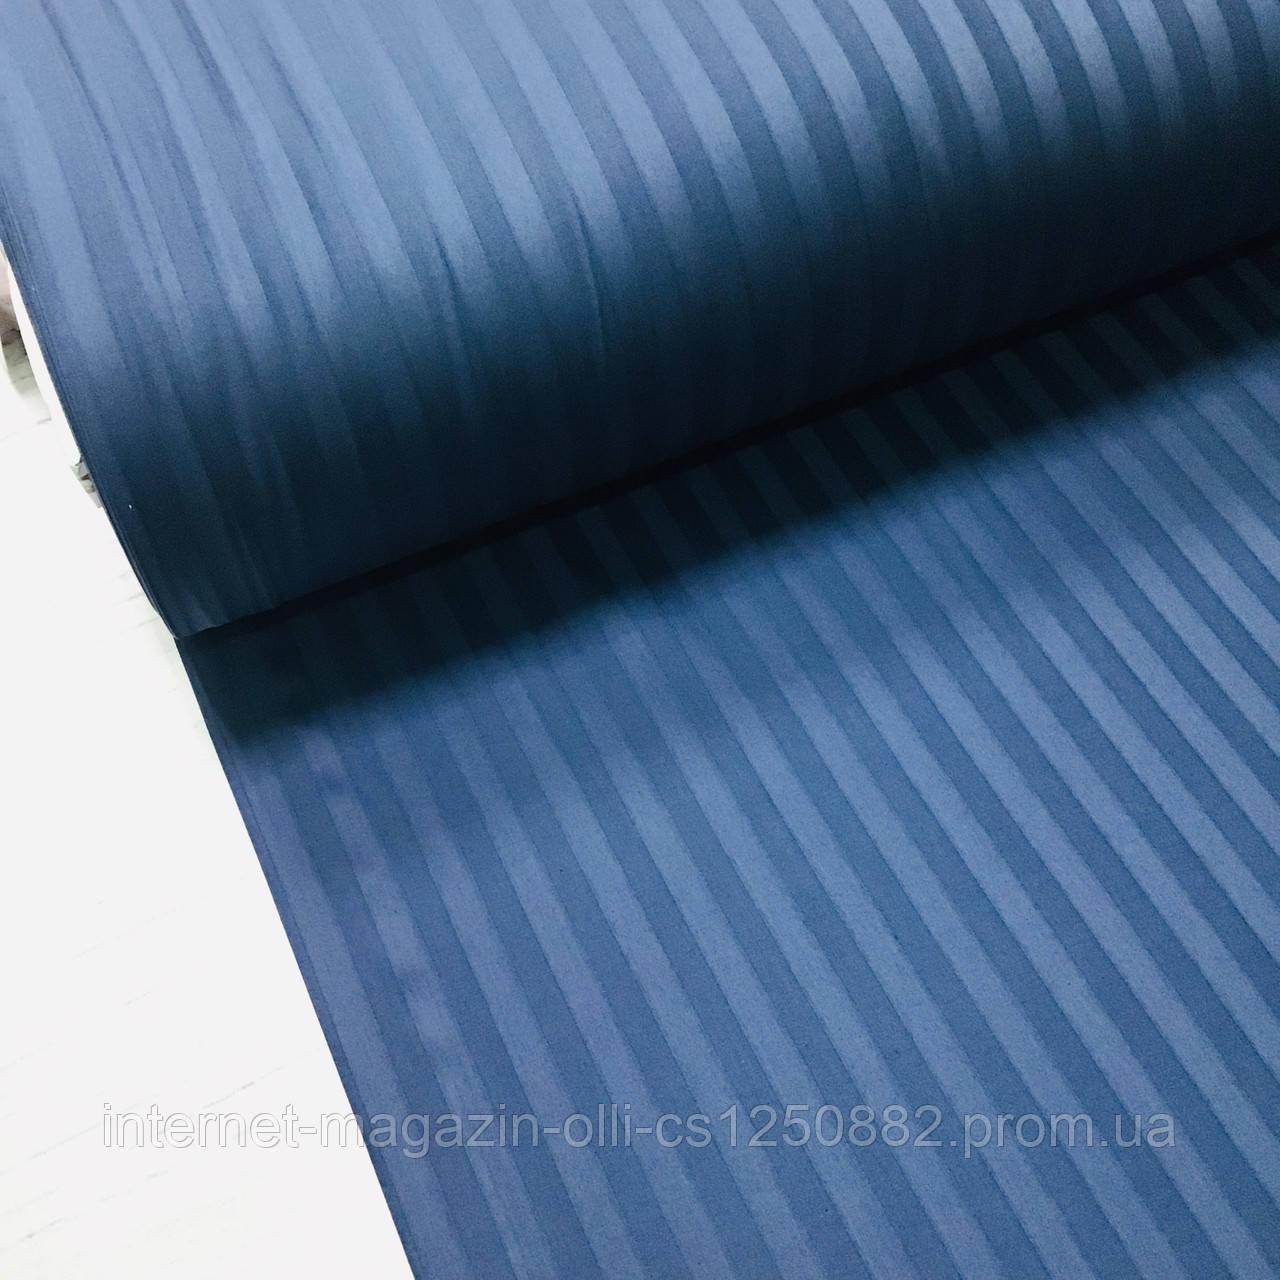 Сатин 100% хлопок  (ТУРЦИЯ шир. 2,4 м) Stripes синий ОТРЕЗ(0,9*0,7 м)